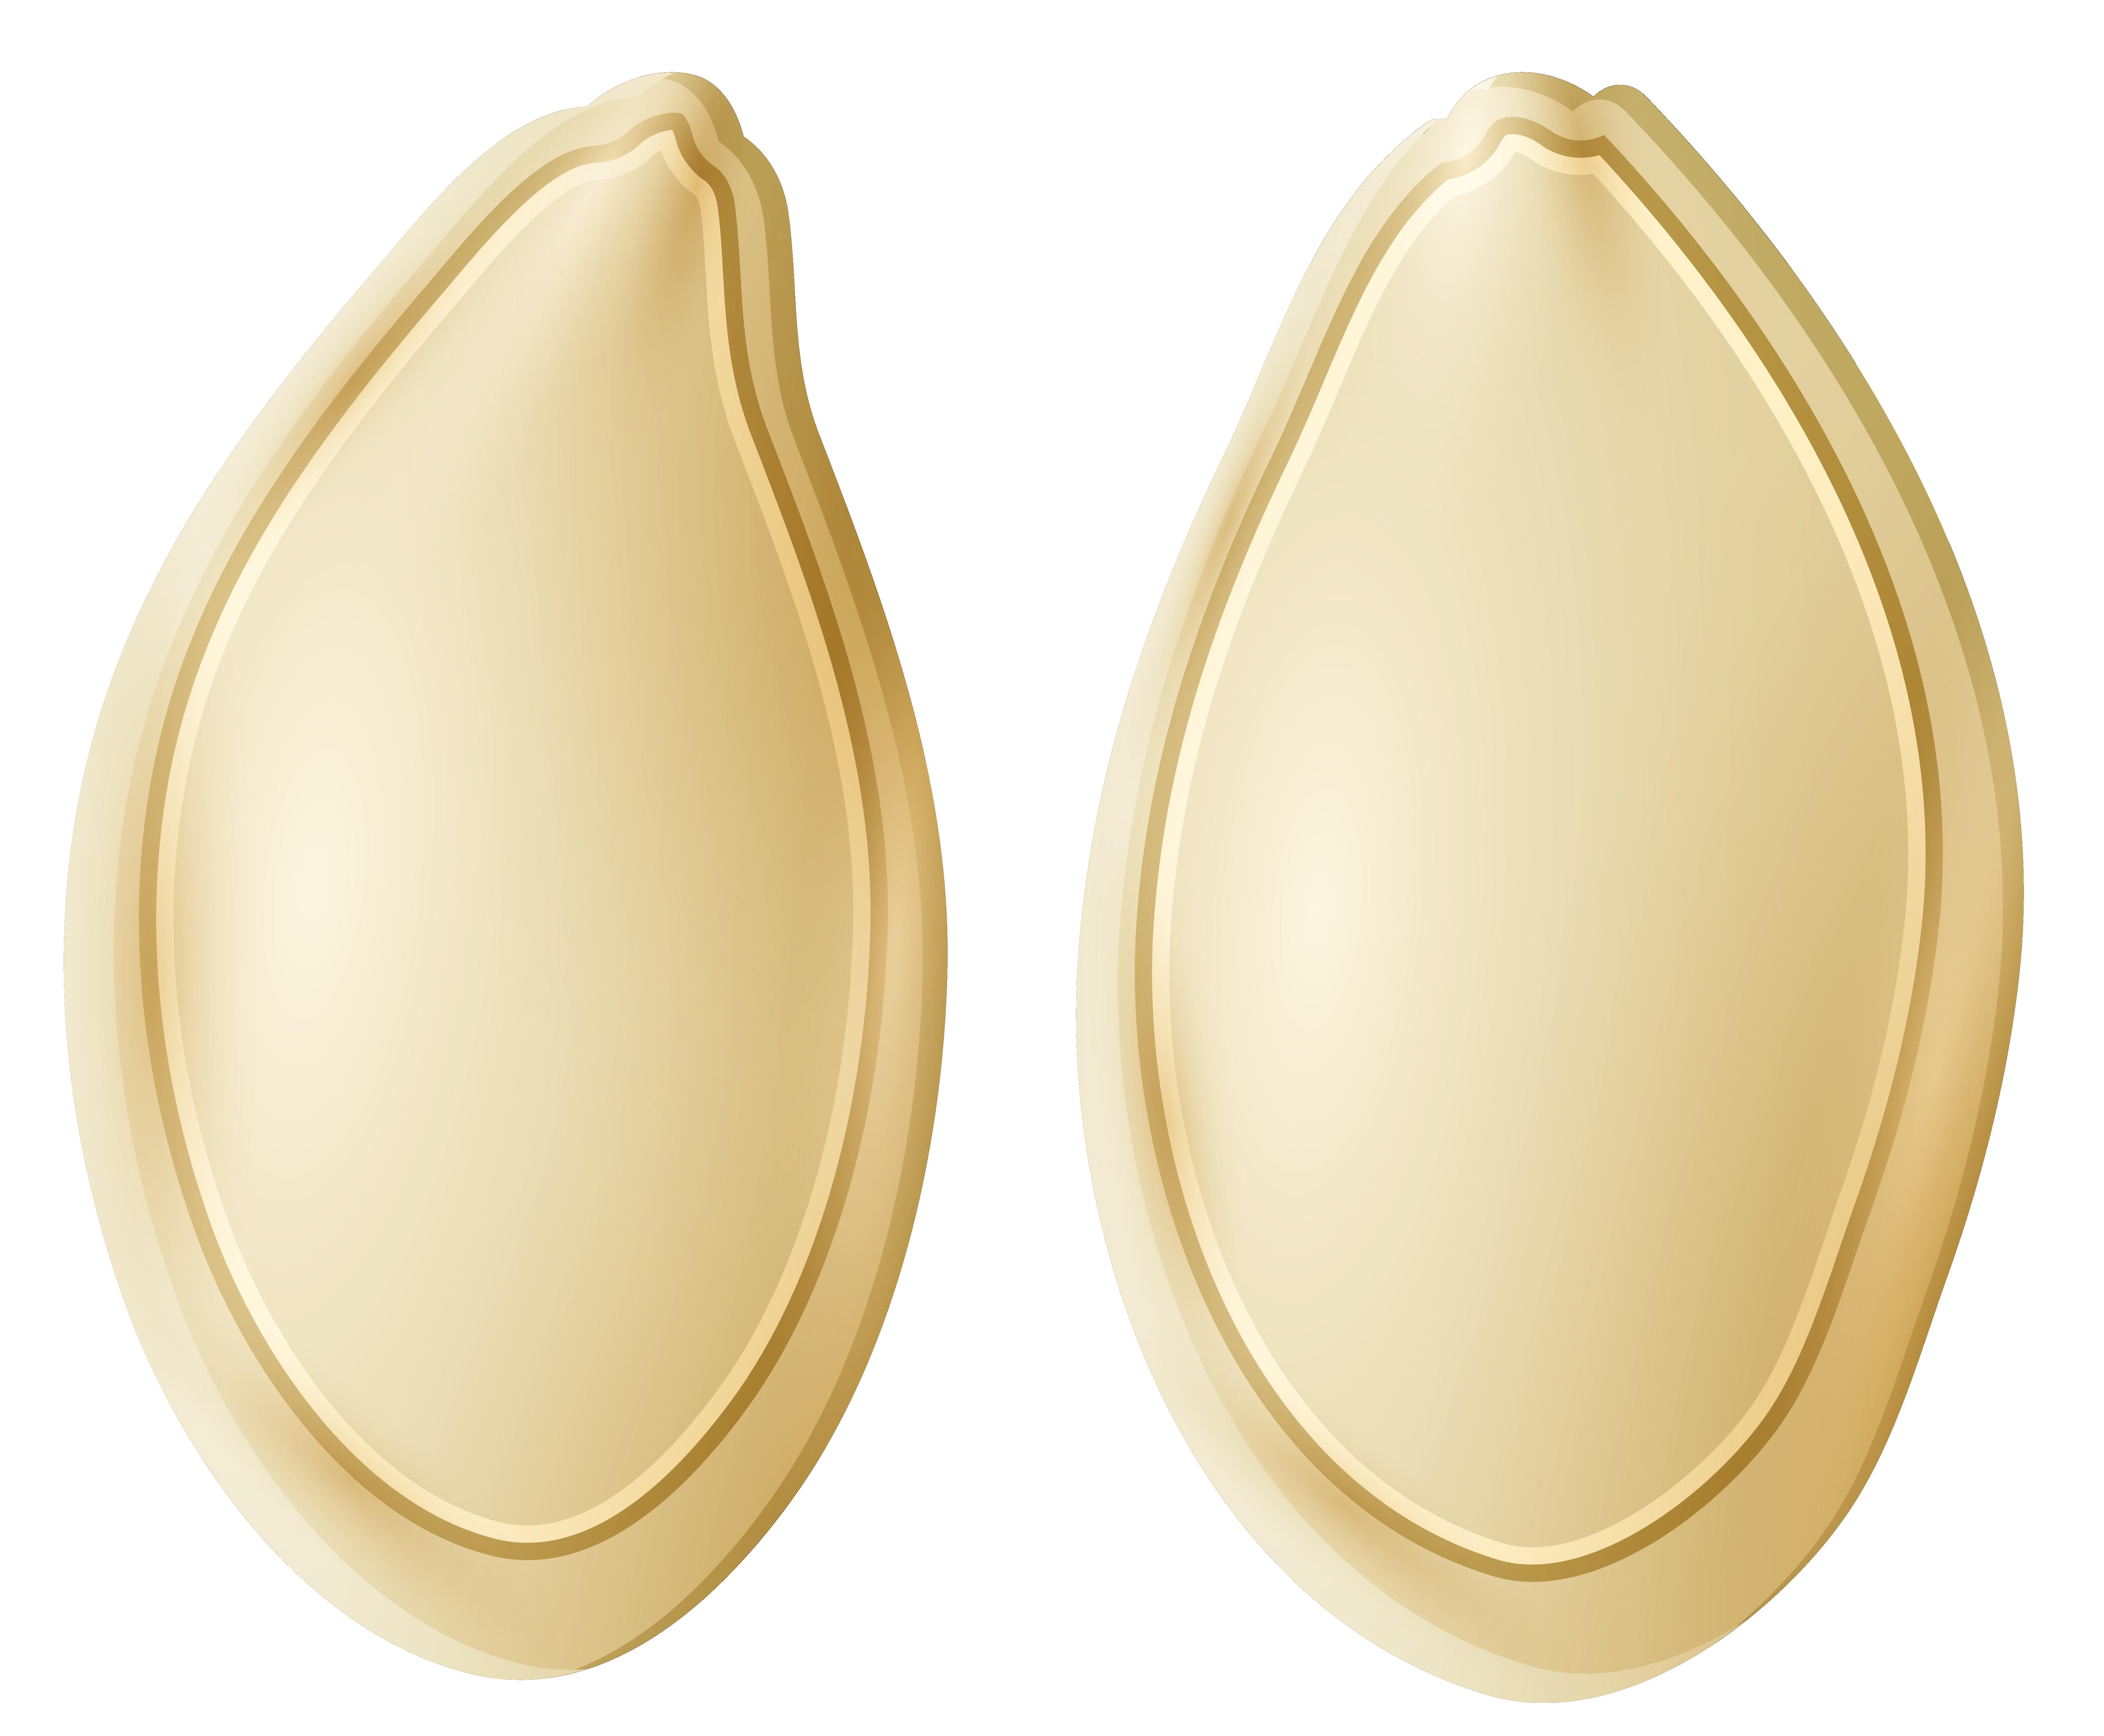 Seeds png clip art. Pumpkin clipart oval